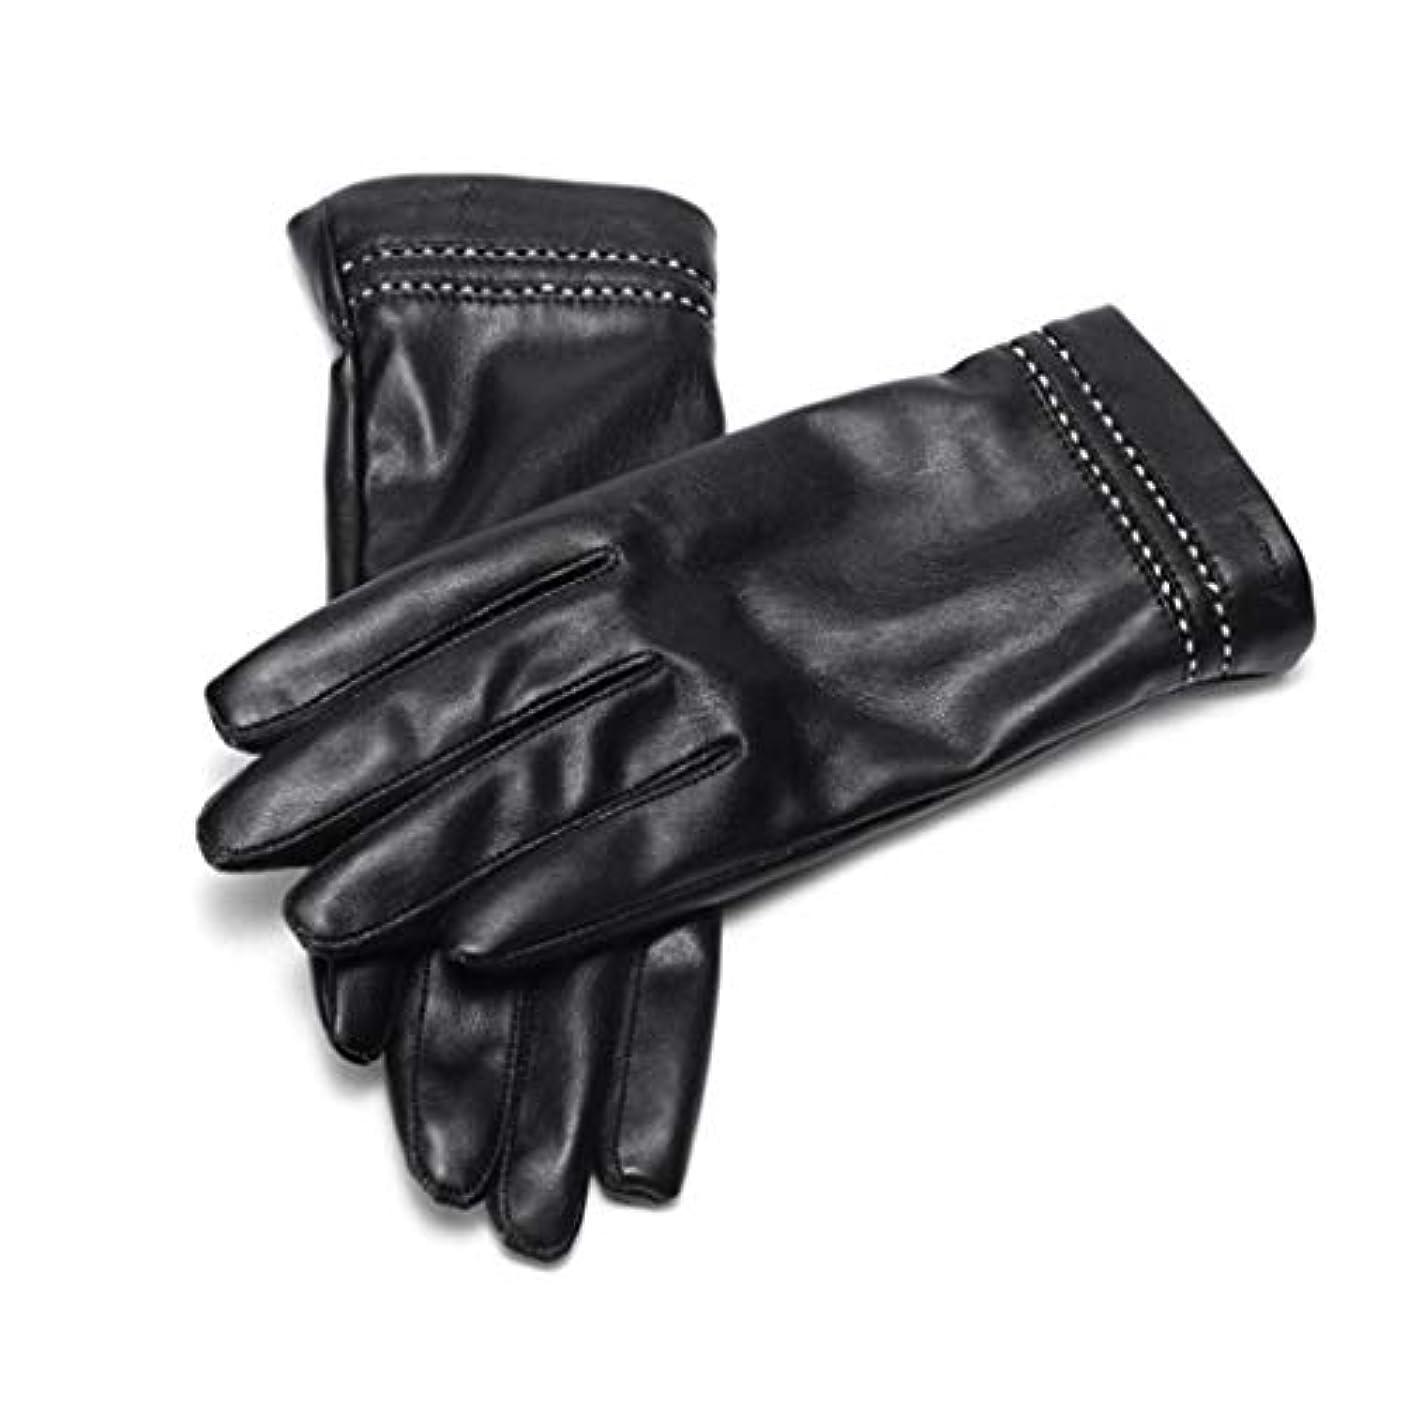 壮大平手打ちクリーク女性の革手袋秋と冬のファッションプラスベルベット暖かい滑り止めのタッチスクリーン革手袋の女性671141003黒